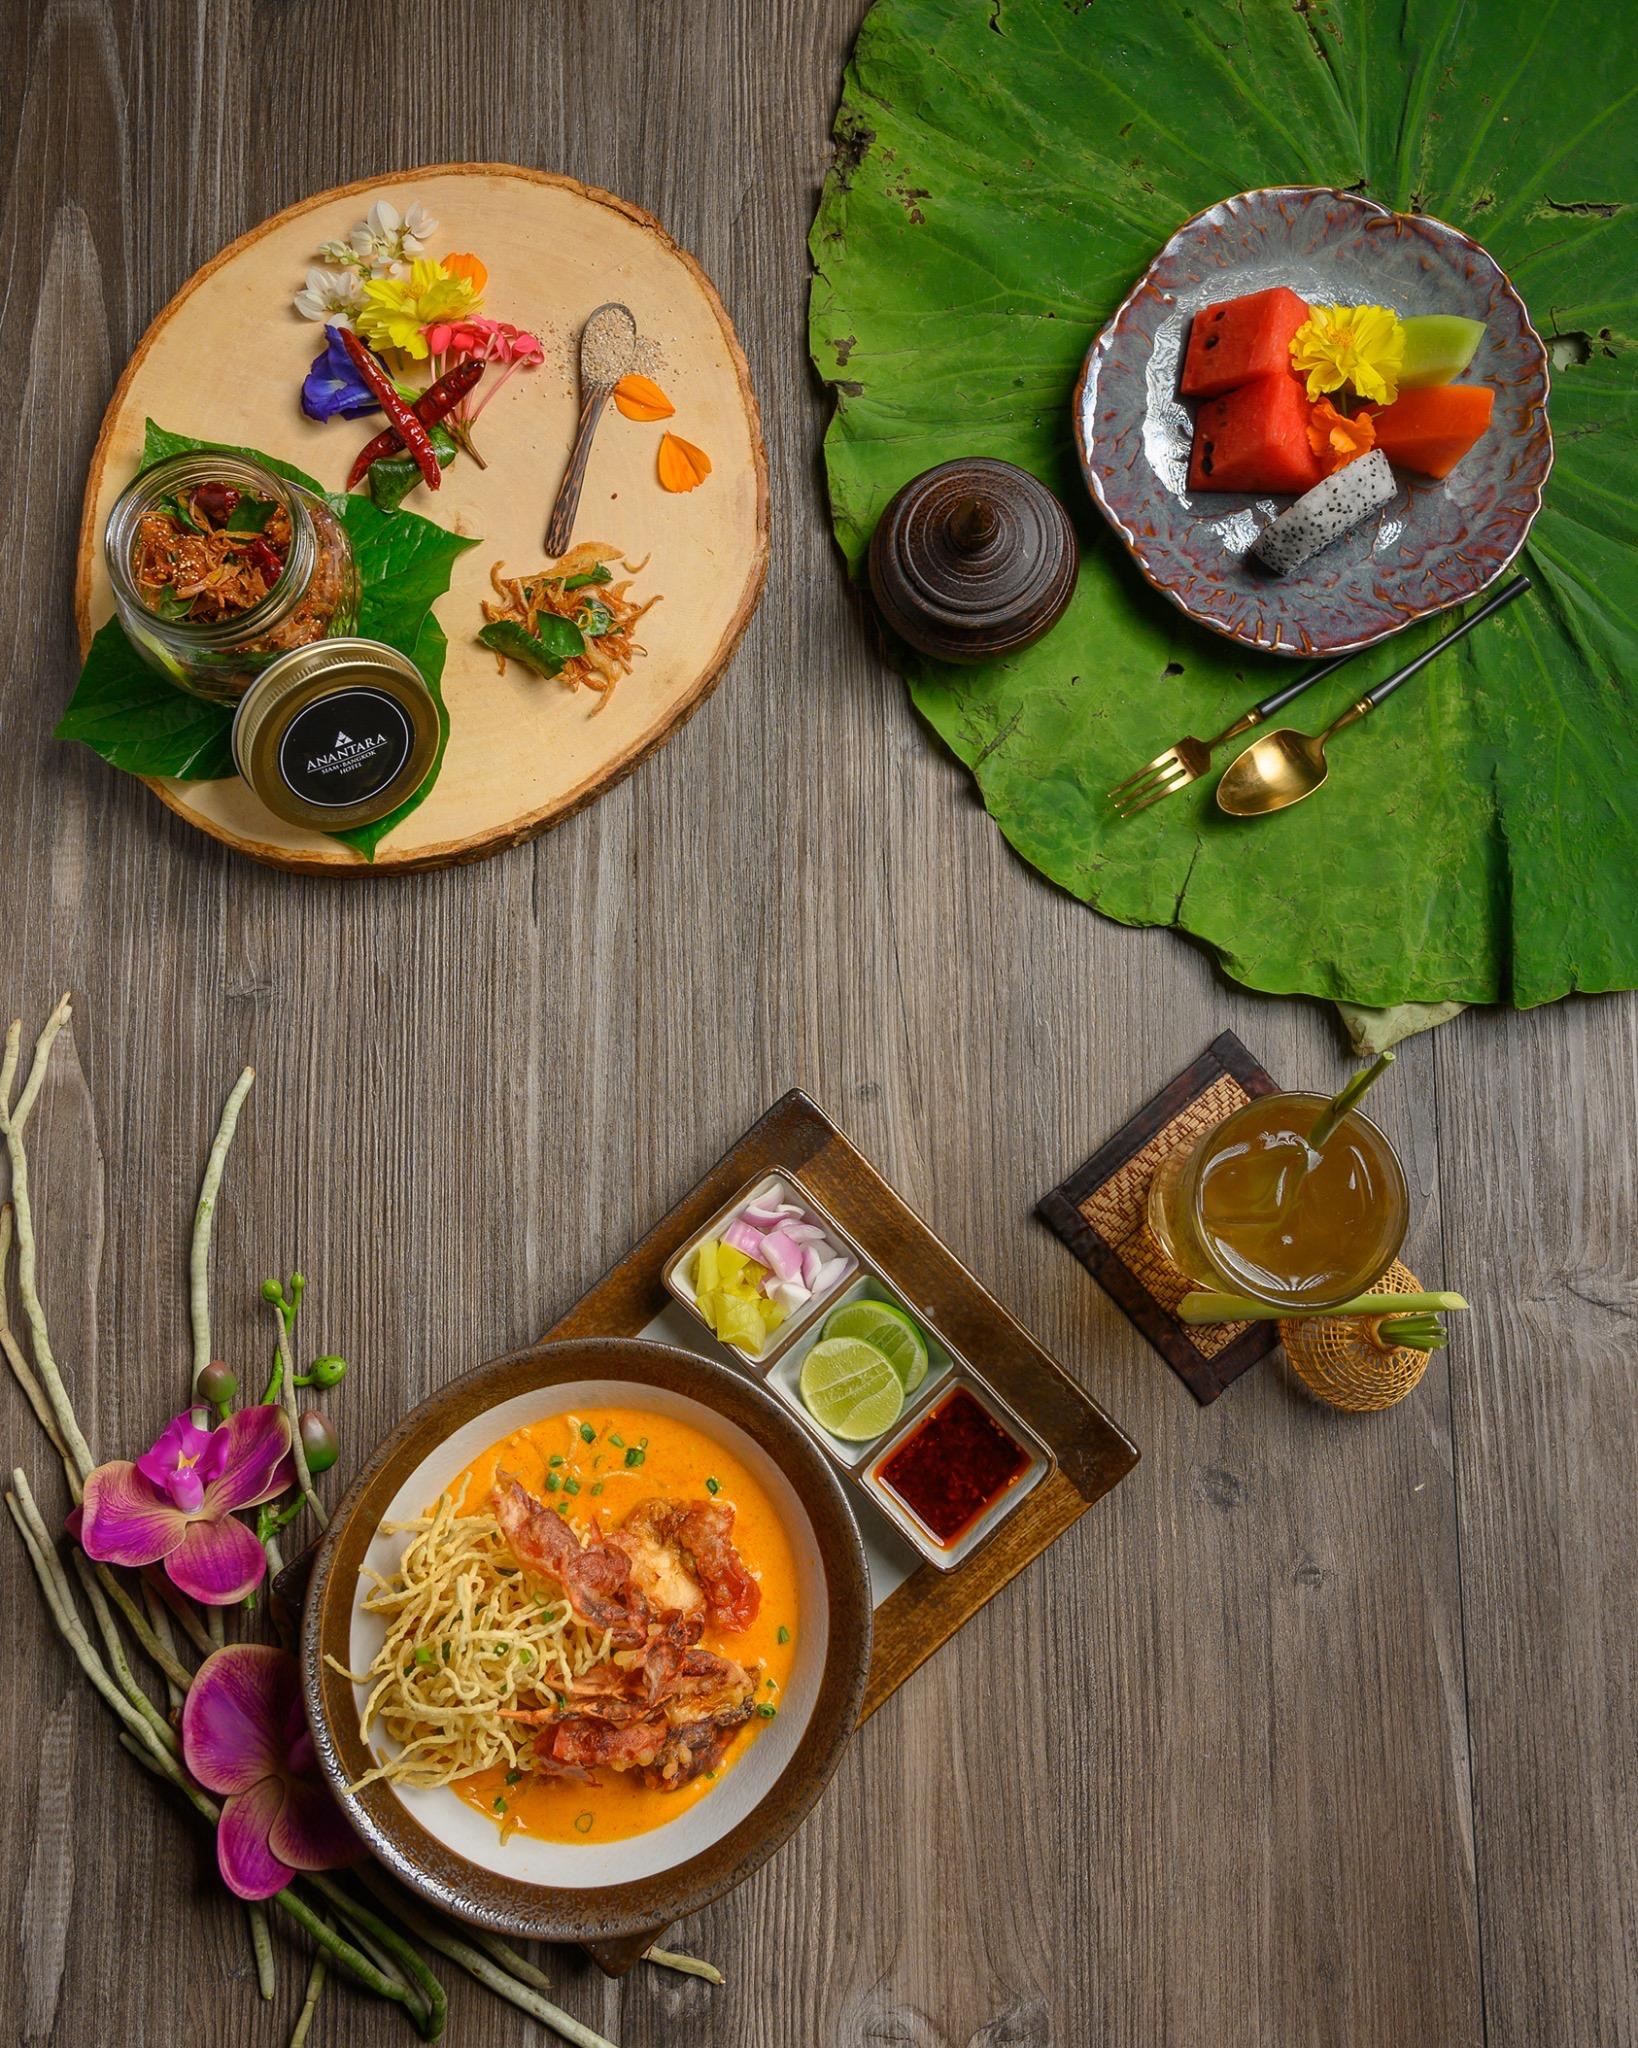 提前感受夏日气息,必不可少的拥有泰式料理的风情万种